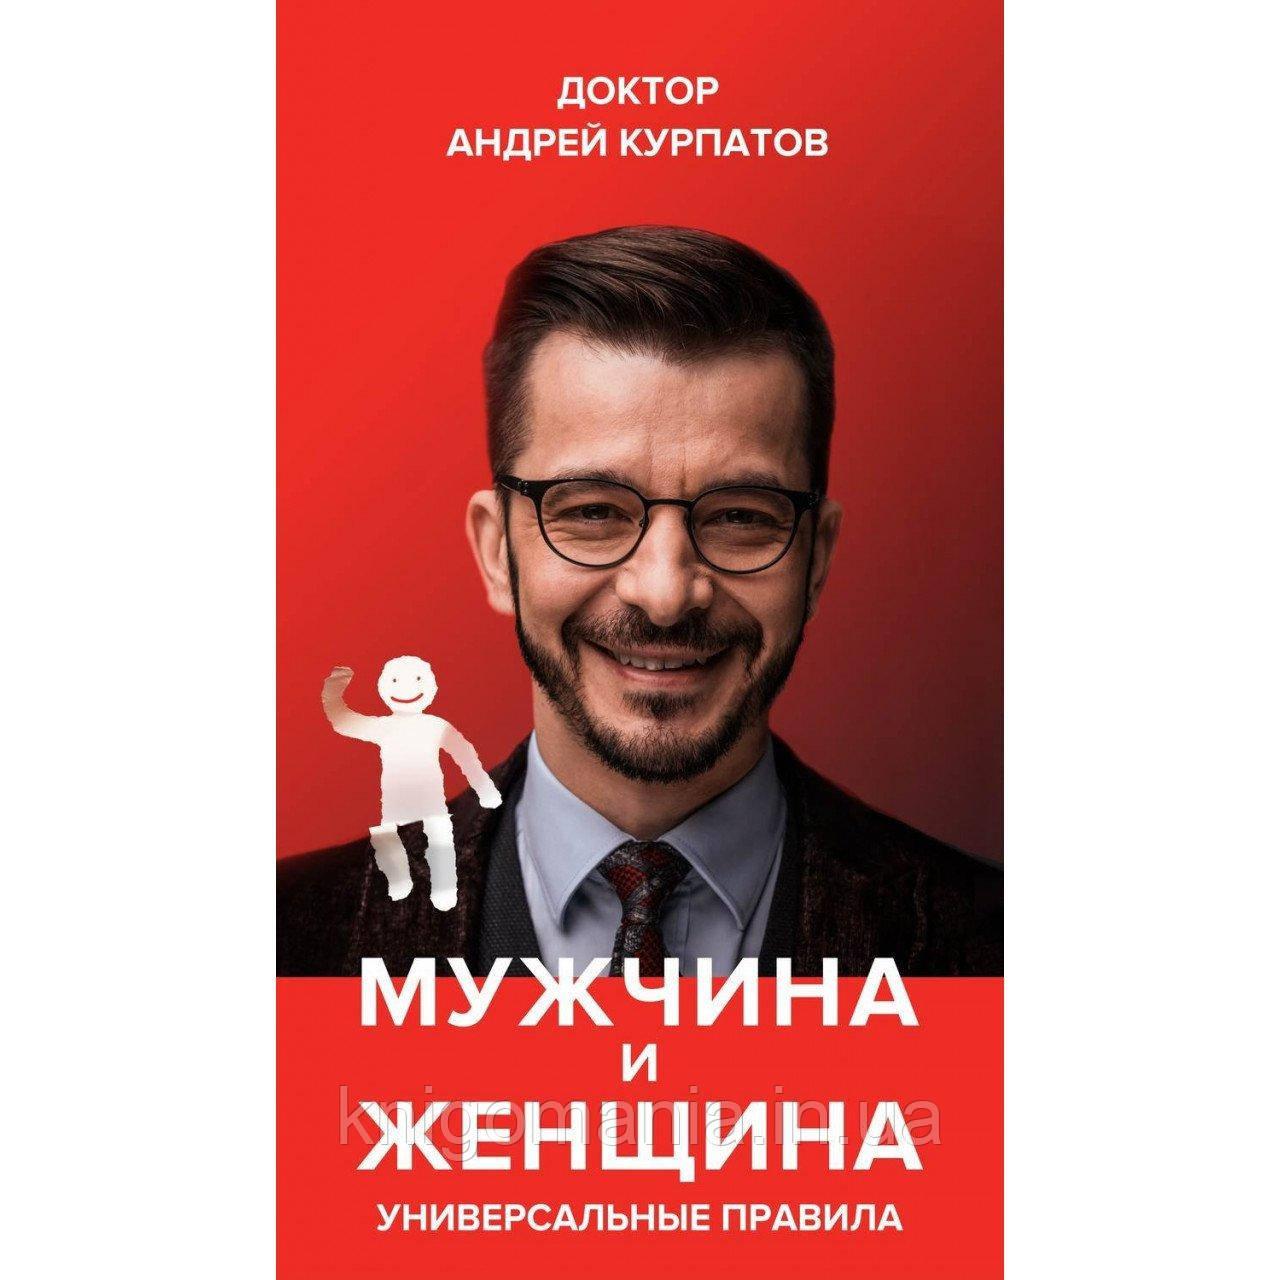 """Книга """"Чоловік і жінка. Універсальні правила"""" Андрій Курпатов."""